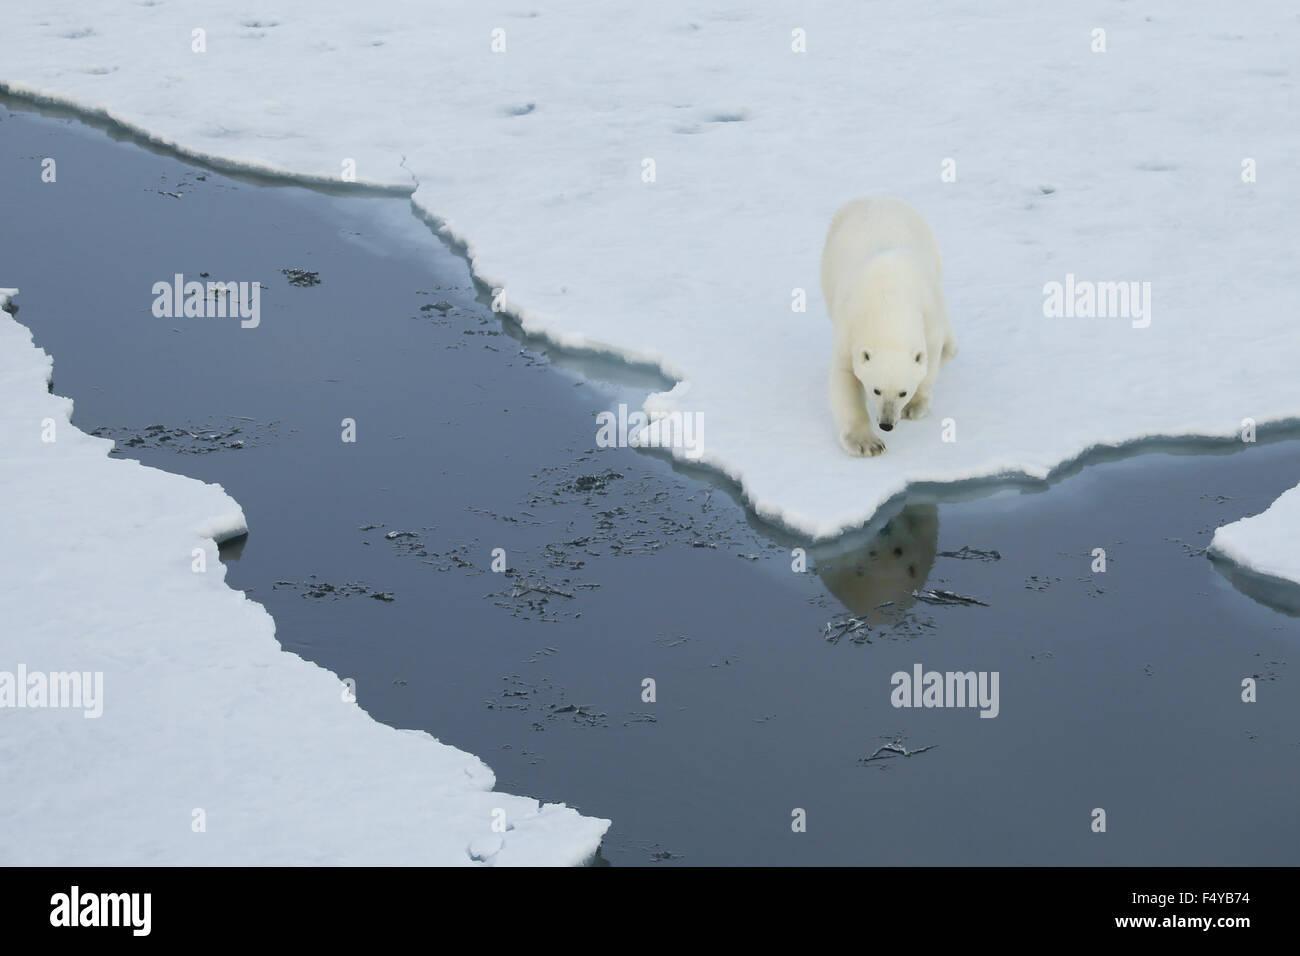 Grönland, Scoresby Sound, Eisbär geht zum Rand des Meereises, Reflexion der Bär im Wasser. Stockbild